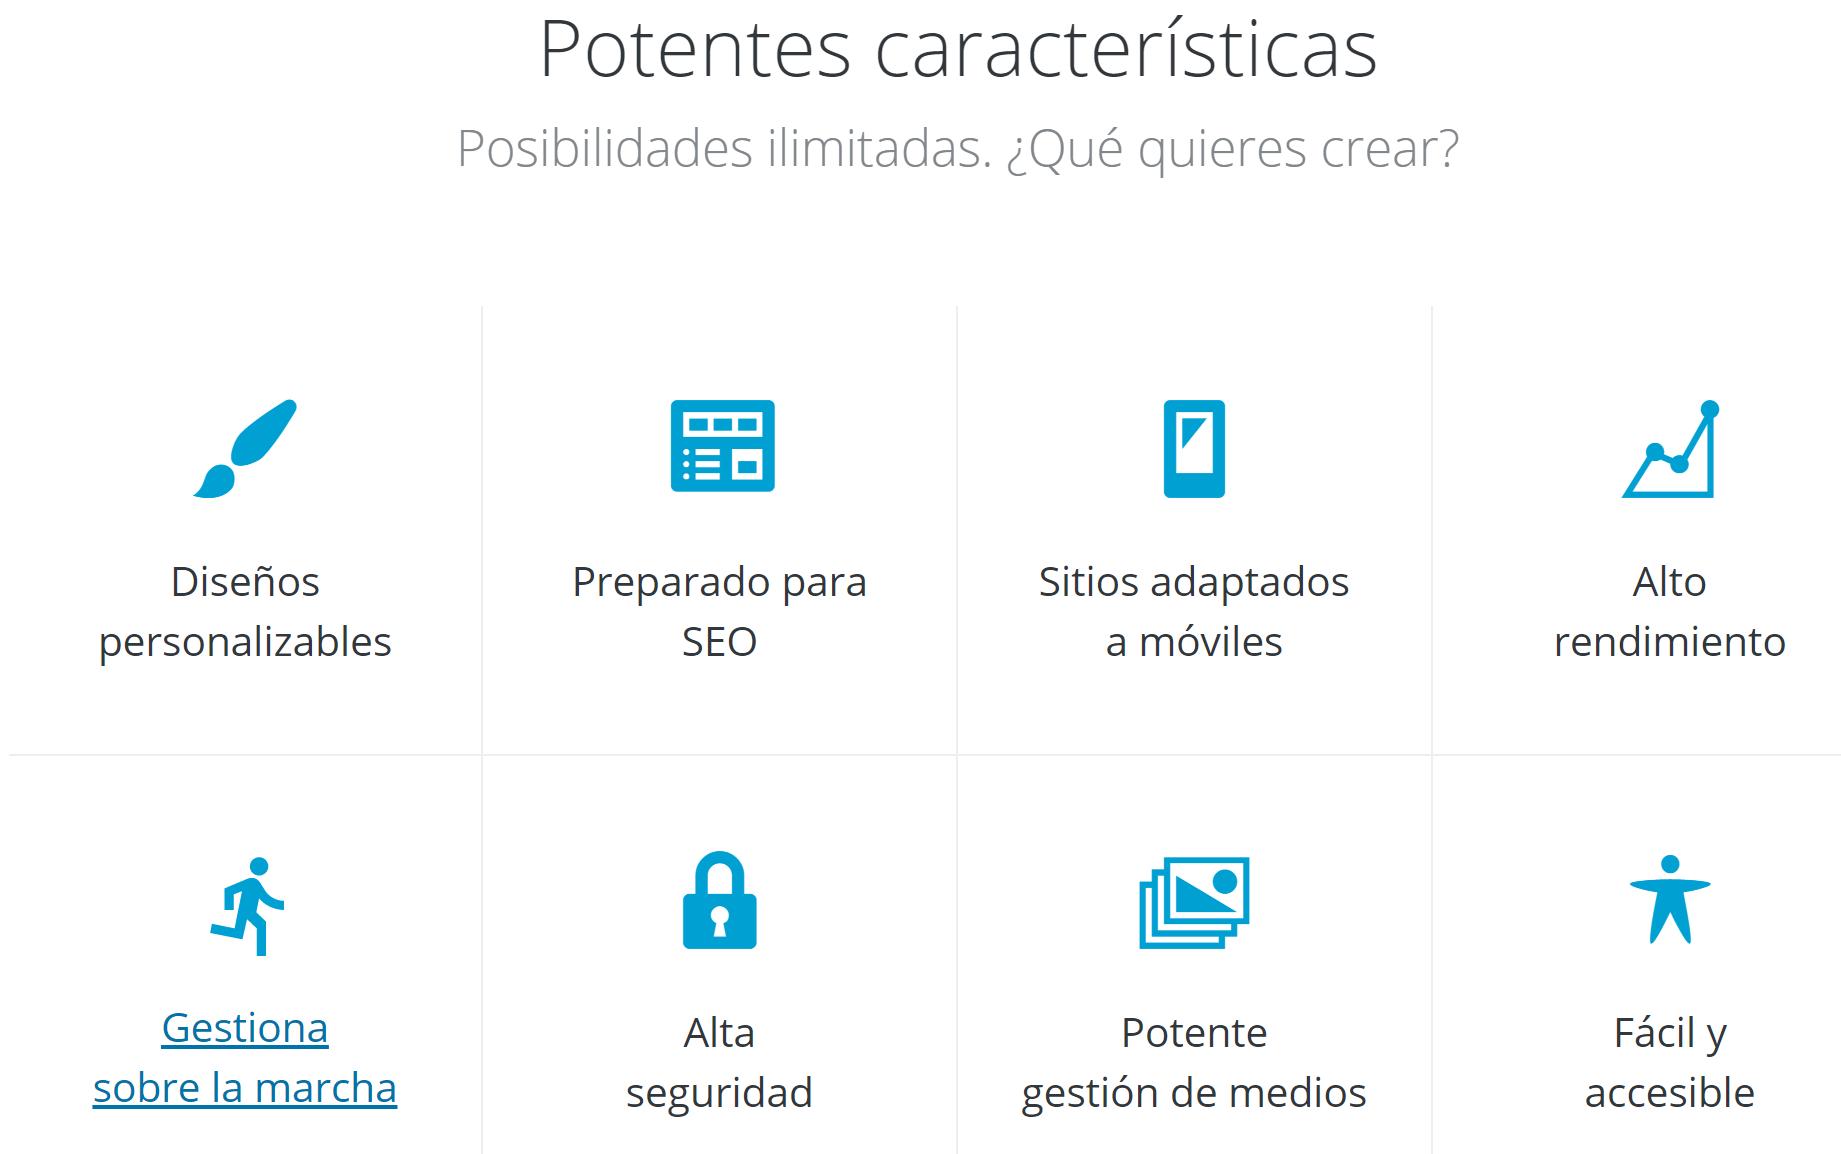 Wordpress SEO checklist - Potentes características